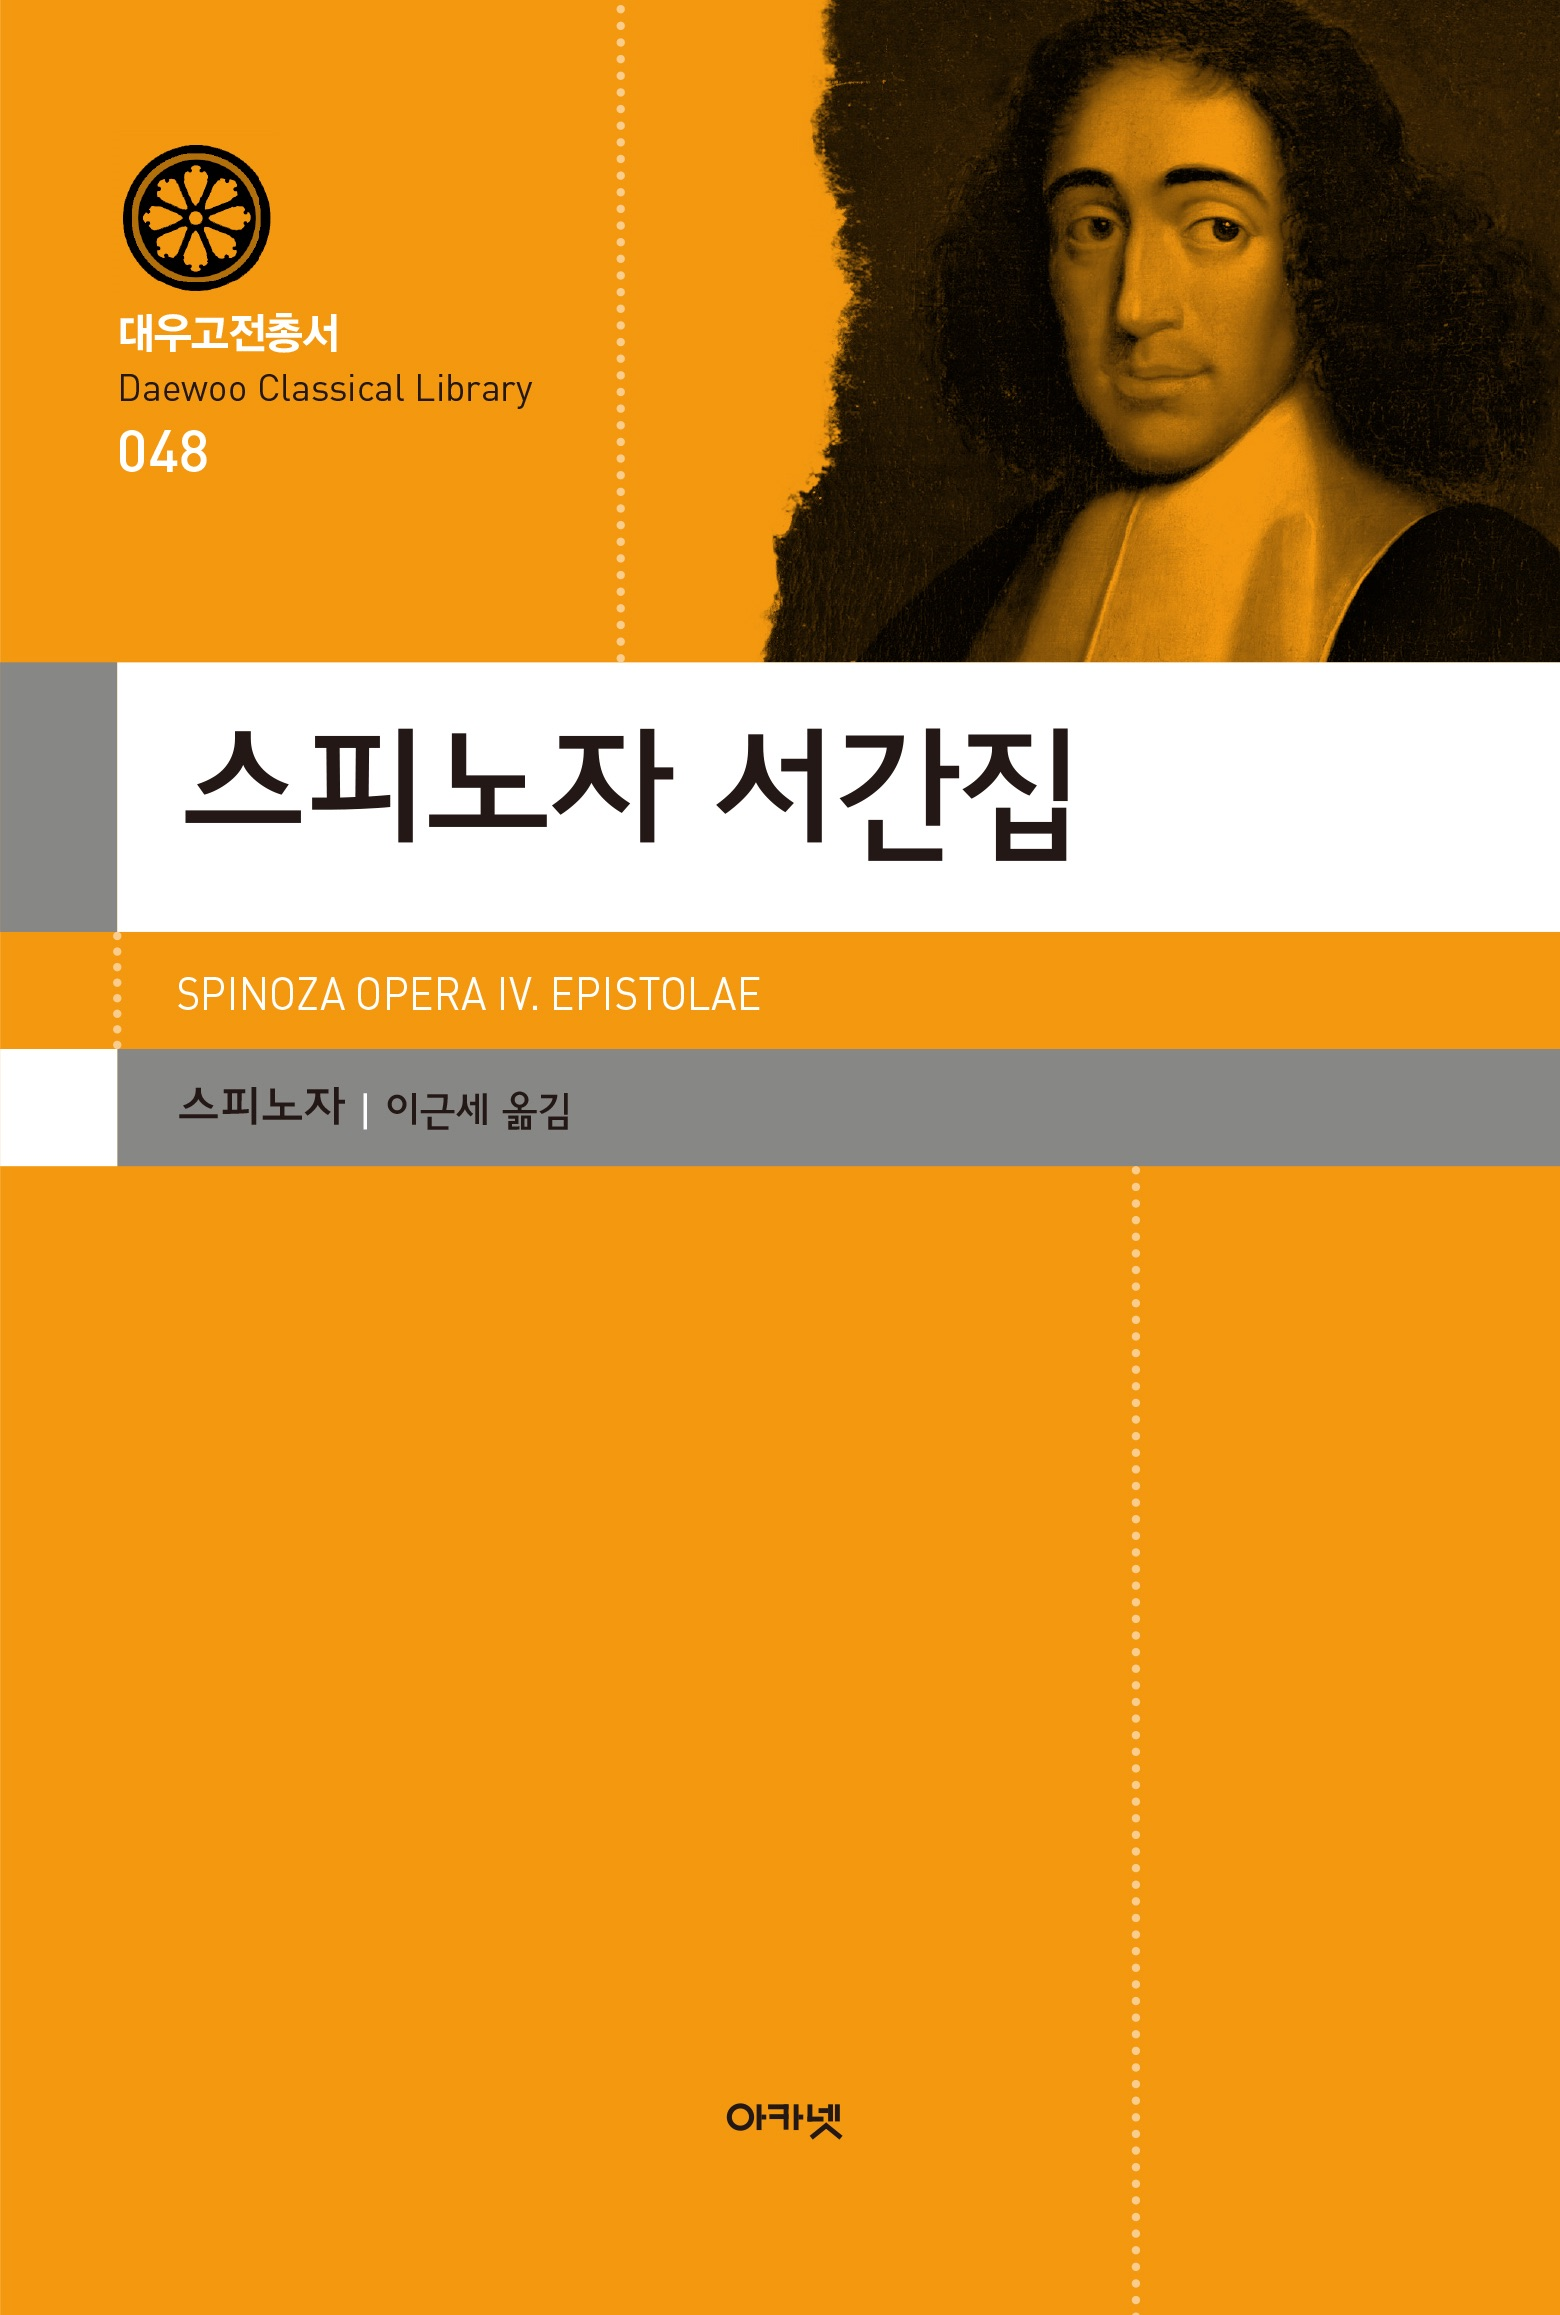 대우재단 대우고전총서 제48권 스피노자 서간집 written by 이근세 and published by 아카넷 in 2018